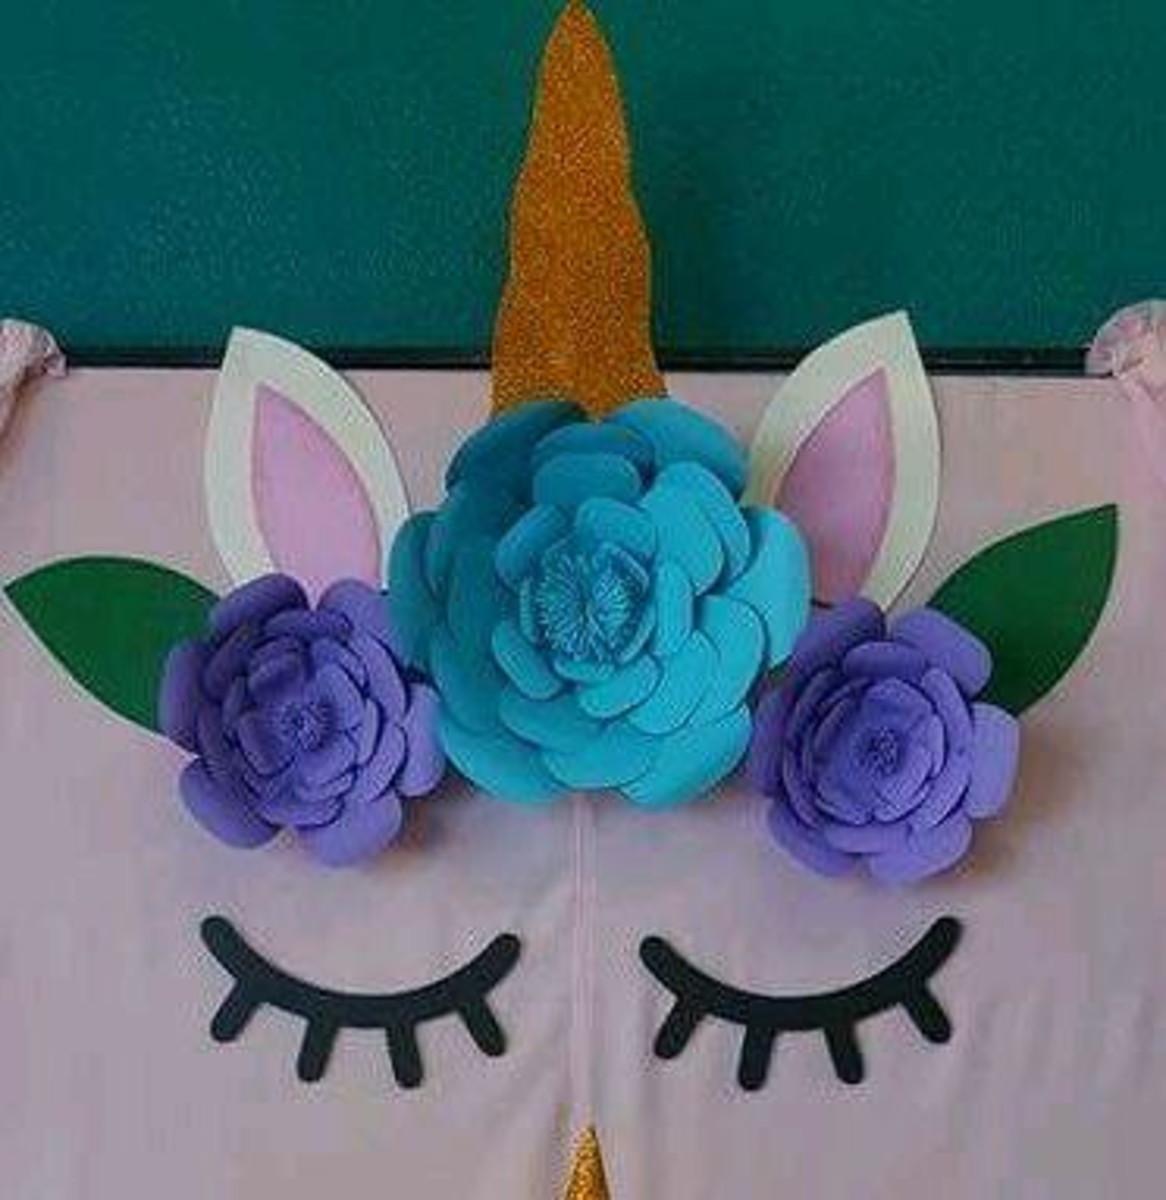 Painel Unicornio Com Flores De Papel No Elo7 Fran Art B7ef9f